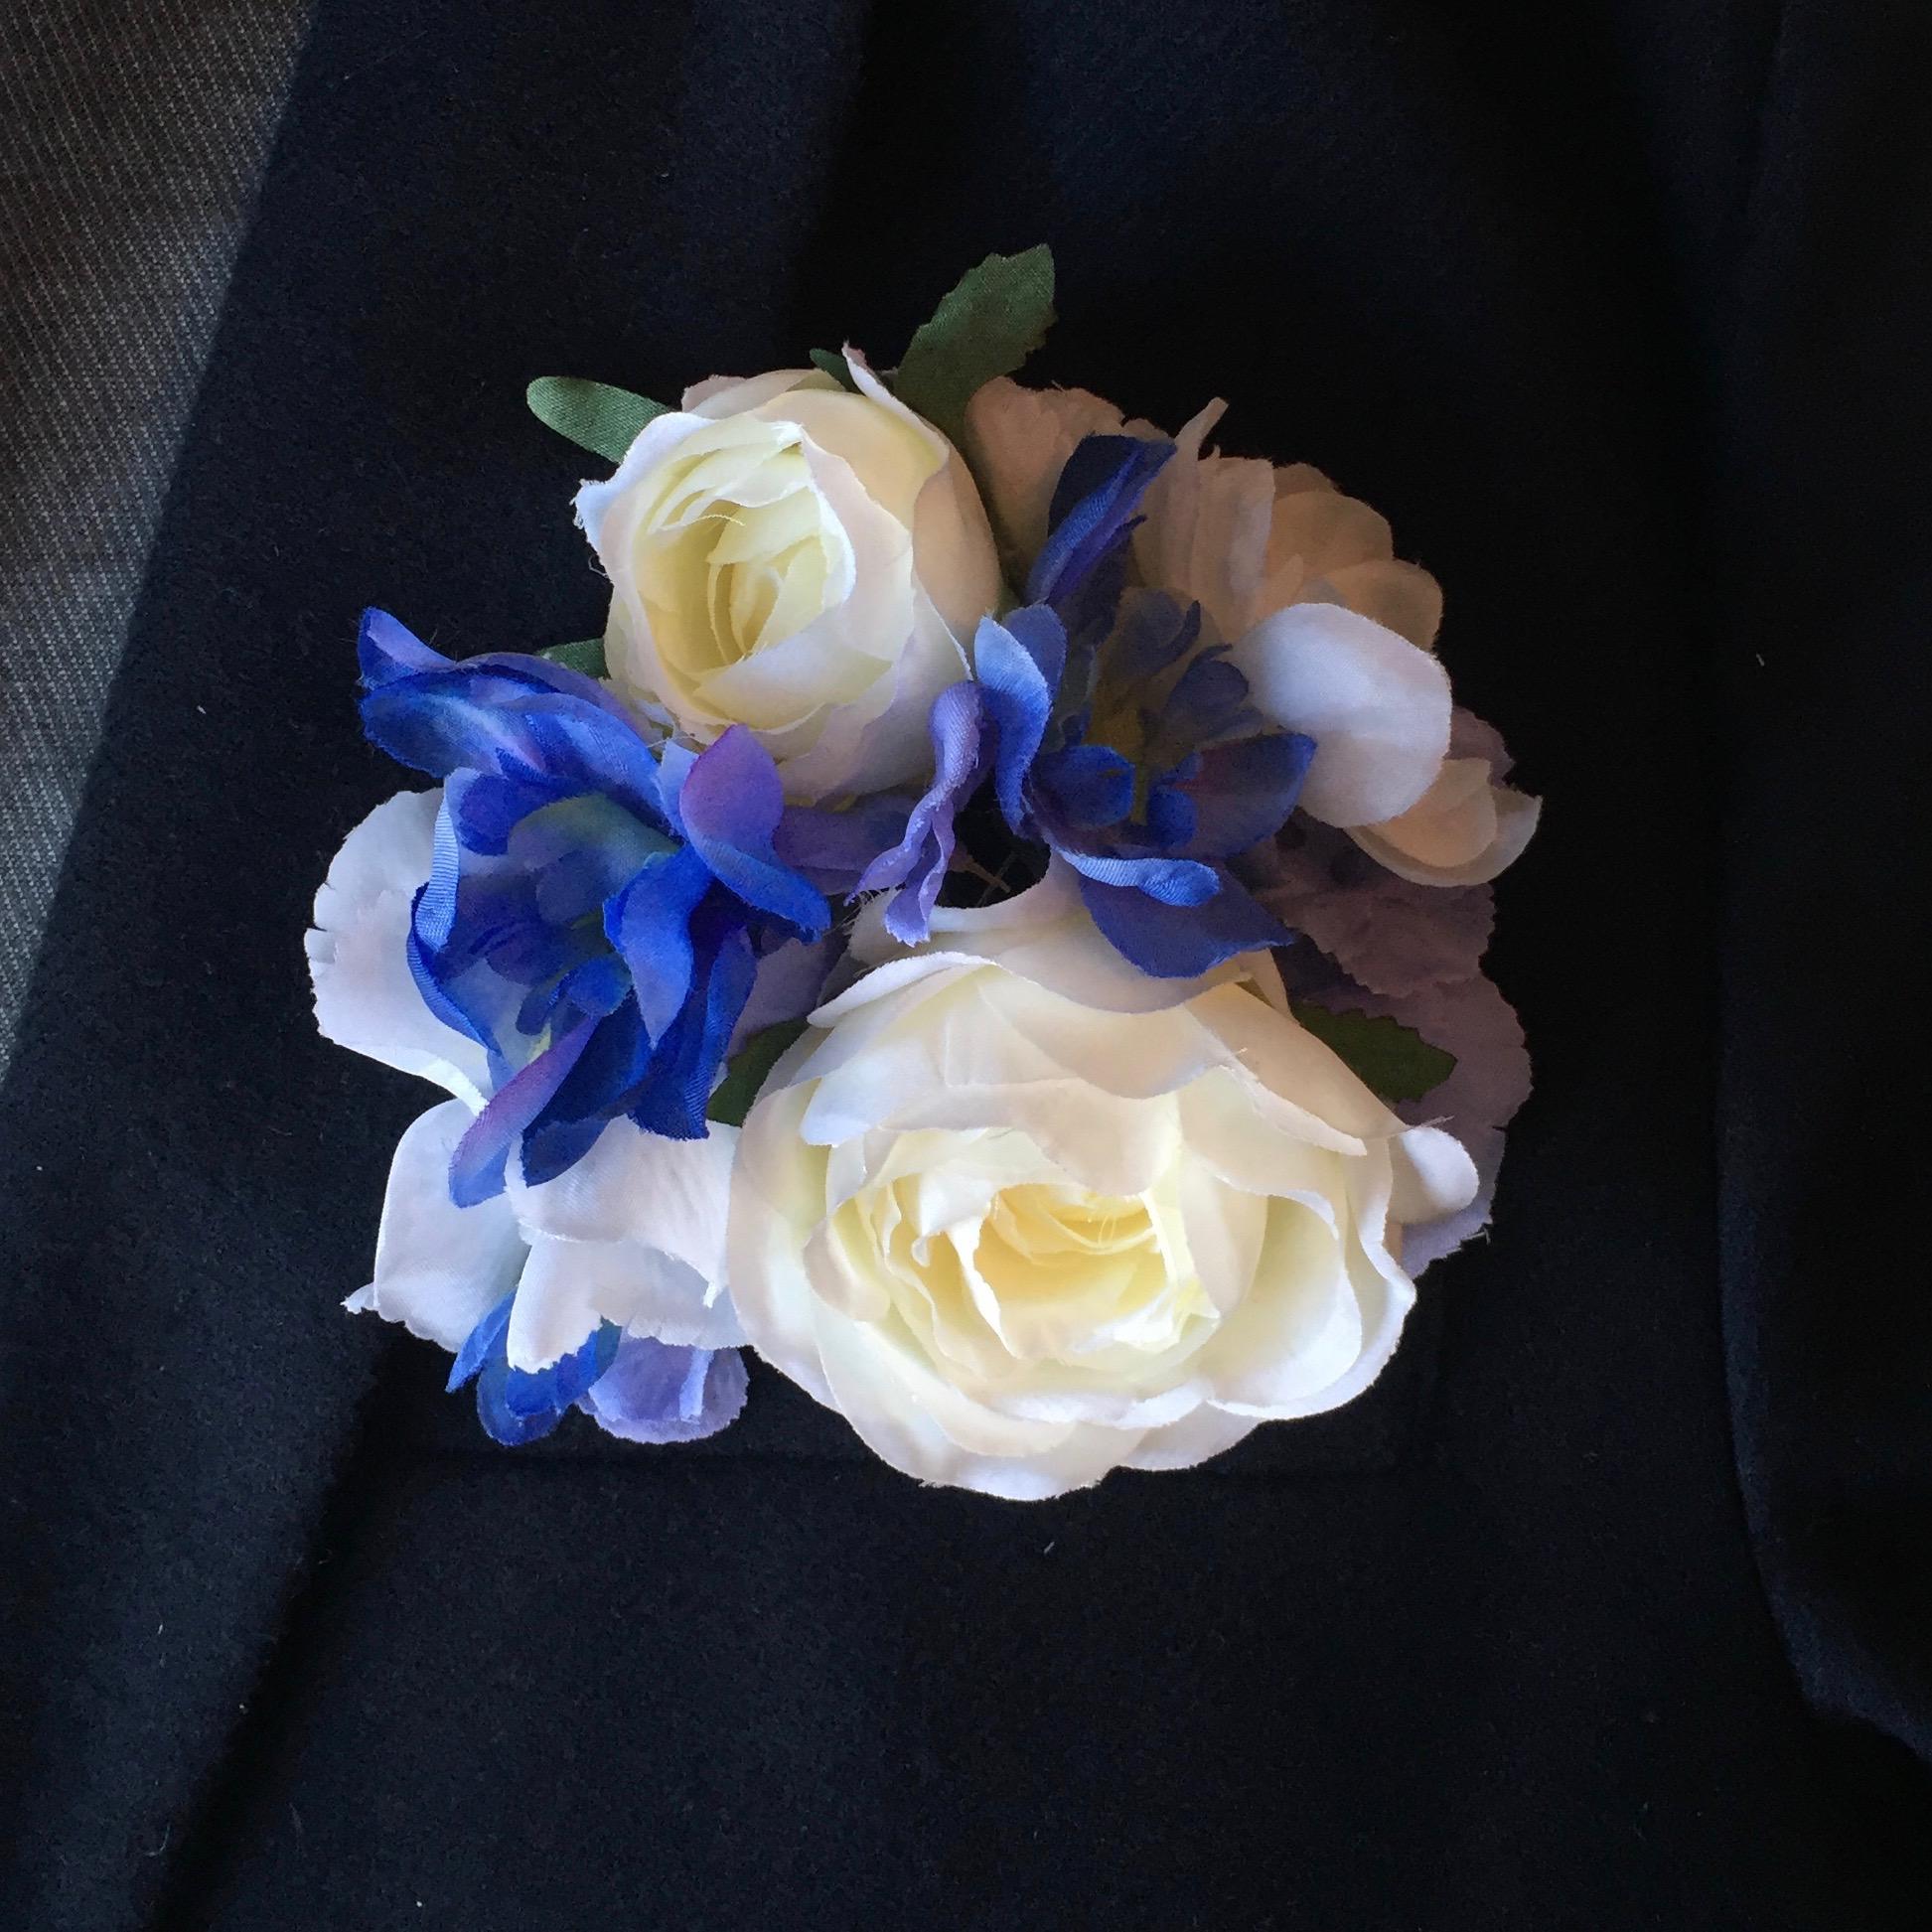 Bespoke floral pocket square